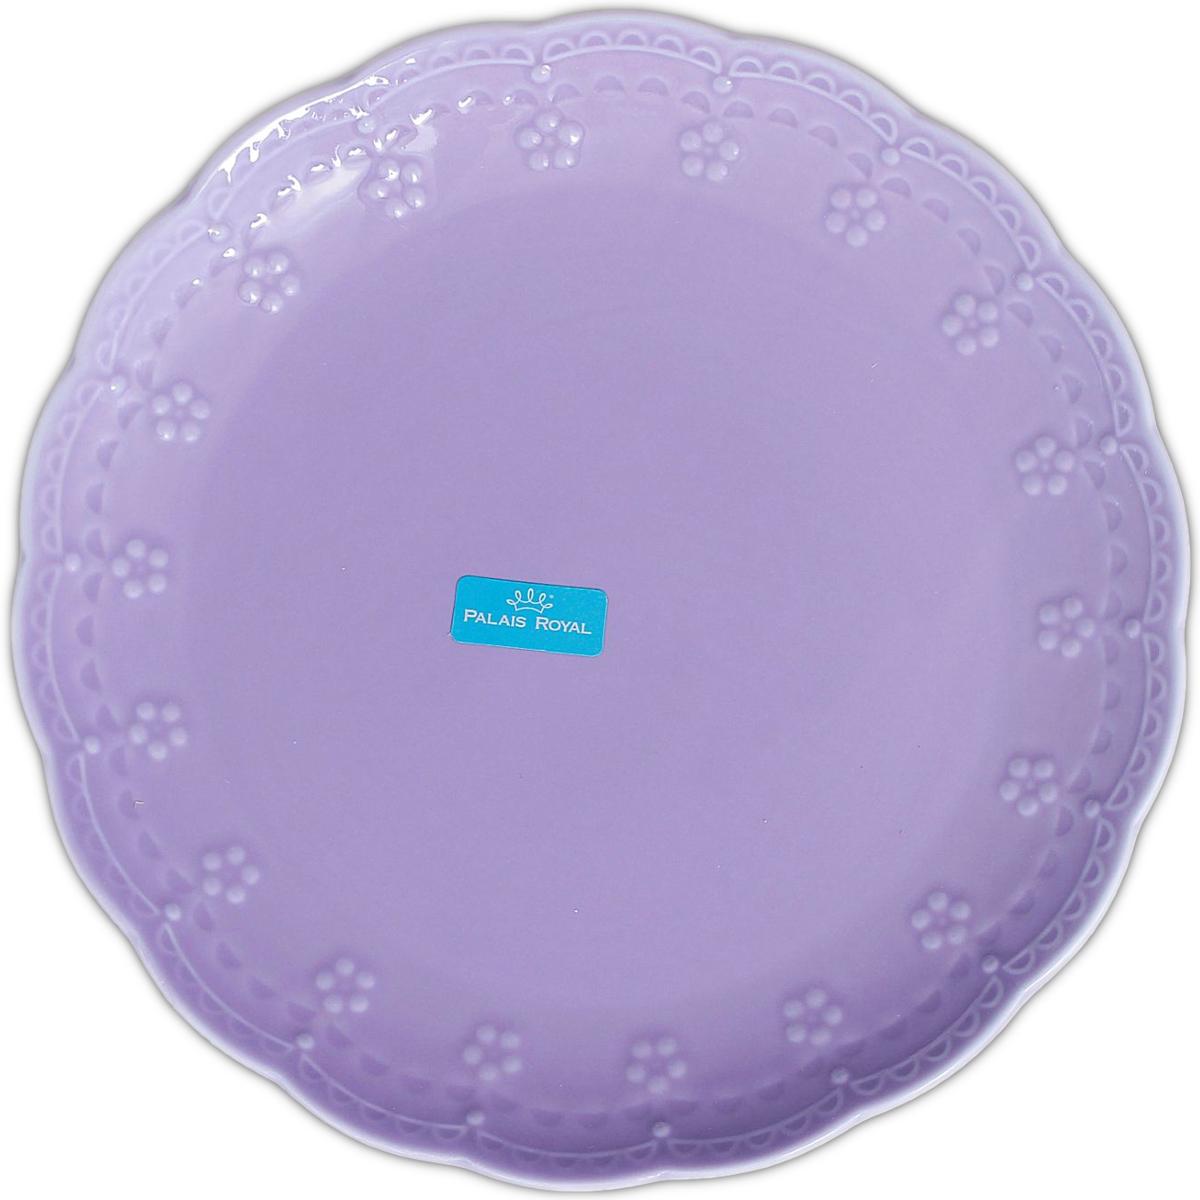 Набор тарелок Lamart Dolci, цвет: лиловый, диаметр 20 см, 6 шт869836Набор тарелок Dolci лиловый (6 шт) — сувенир в полном смысле этого слова. В переводе с французского souvenir означает «воспоминание». И главная задача любого сувенира — хранить воспоминание о месте, где вы побывали, или о том человеке, который подарил данный предмет. Этот и множество других сувениров вы можете купить оптом в нашем интернет-магазине несколькими нажатиями мышки.